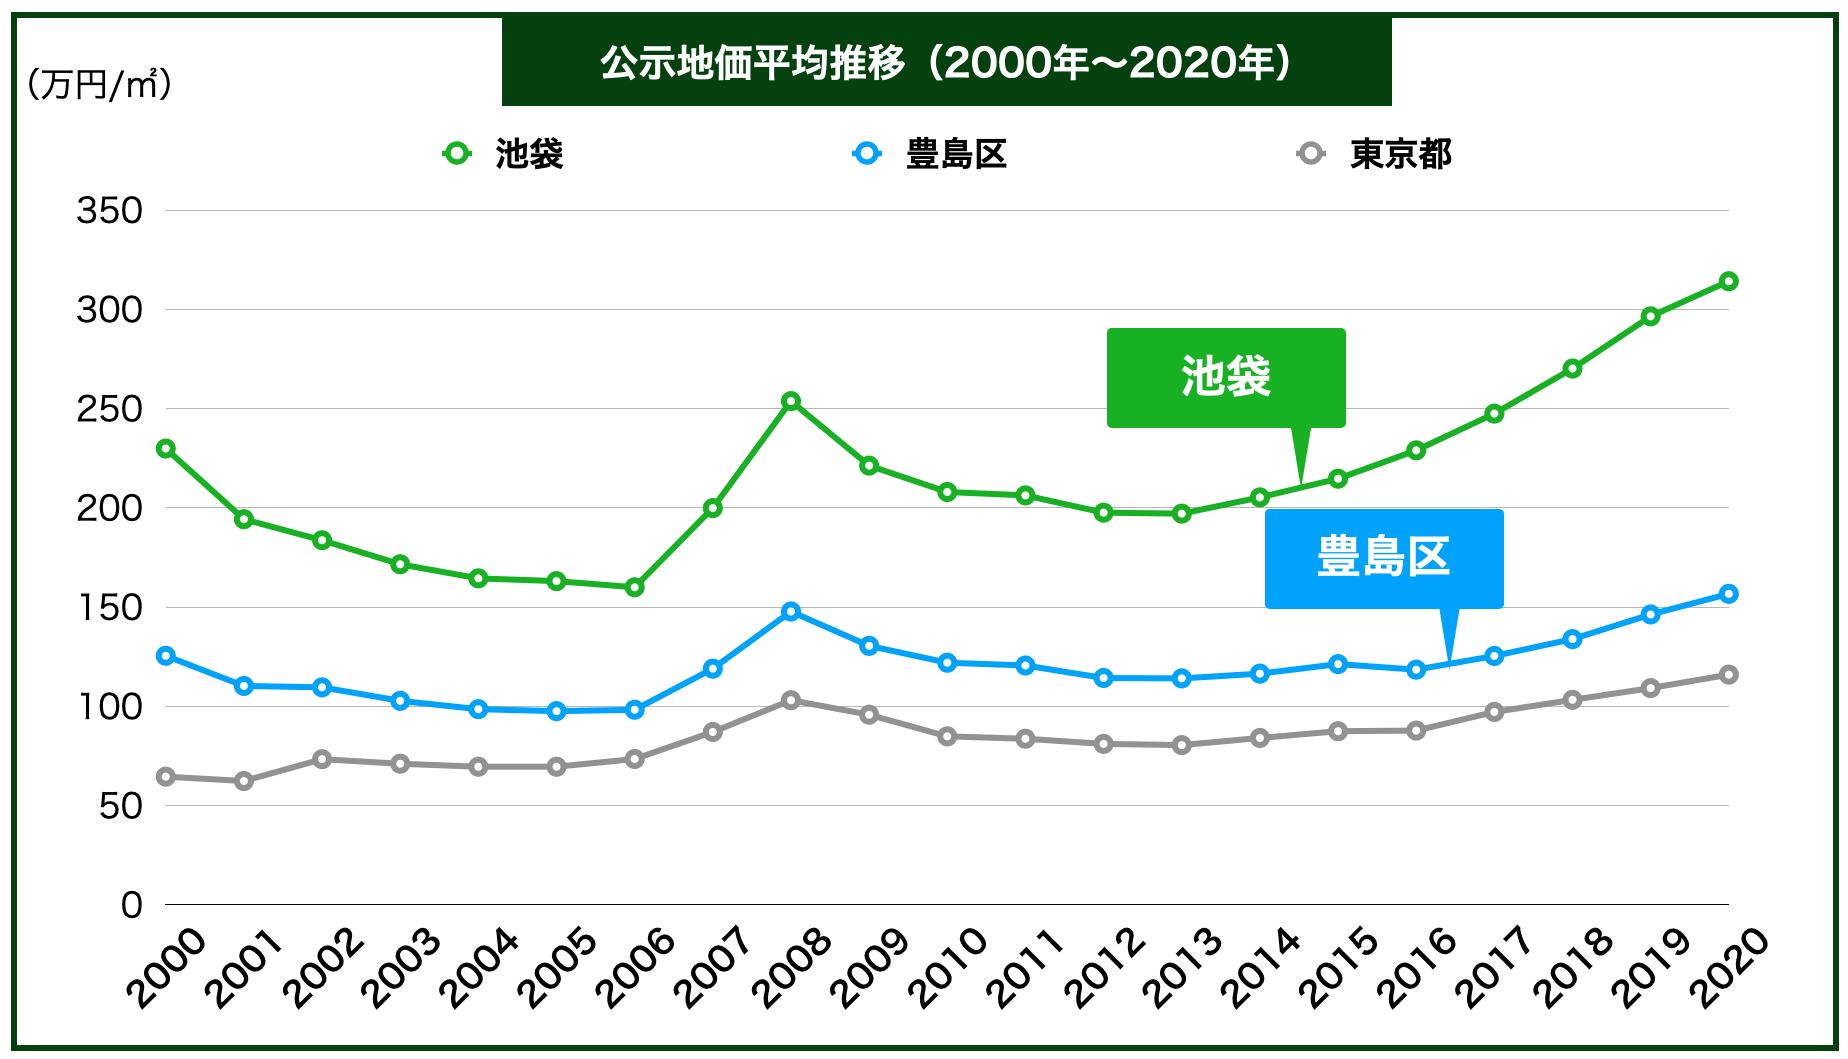 池袋の公示地価の推移